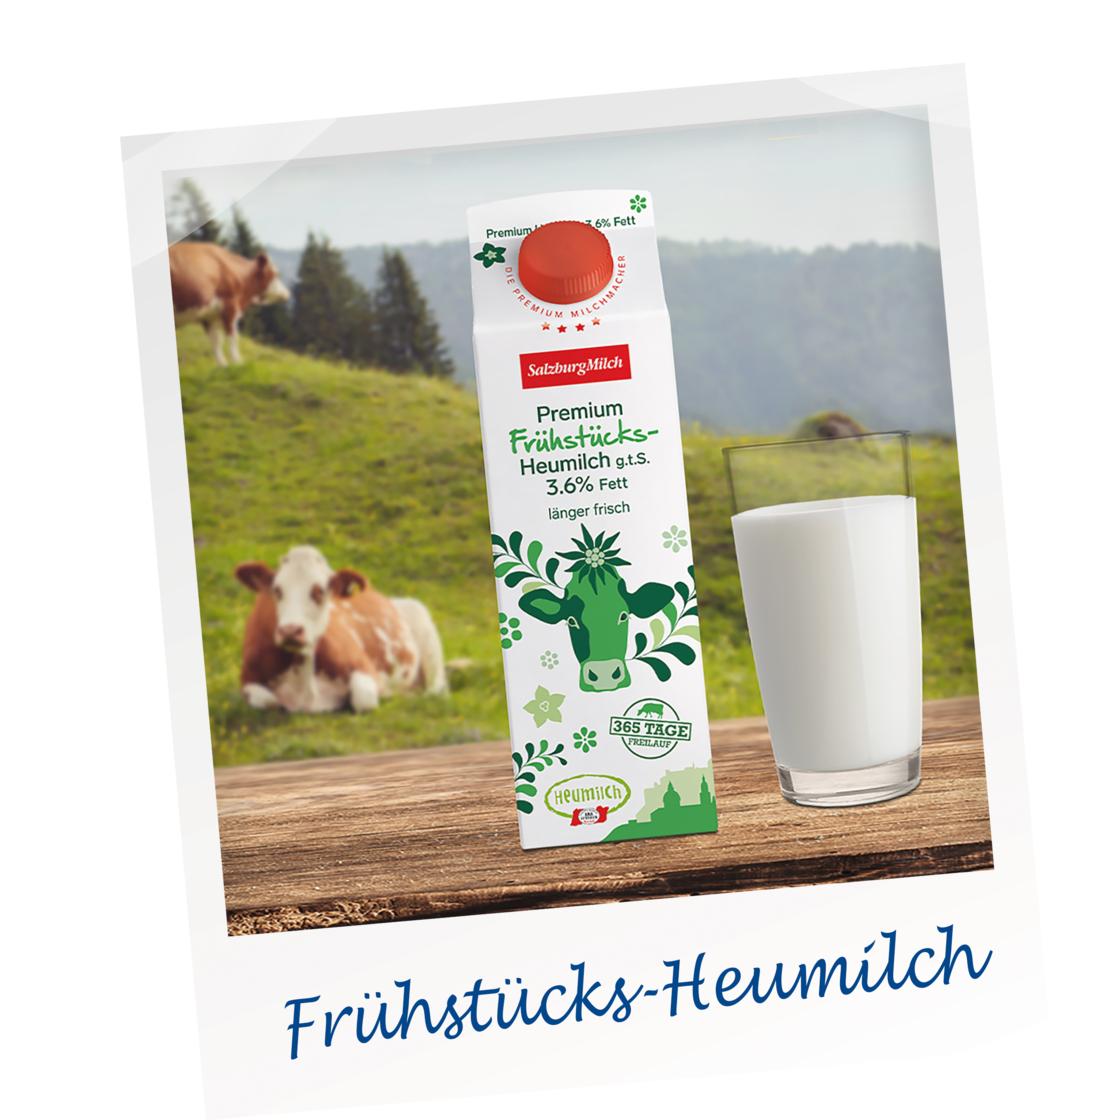 [Merkur --> Salzburg Milch] Kennenlern Rabatt